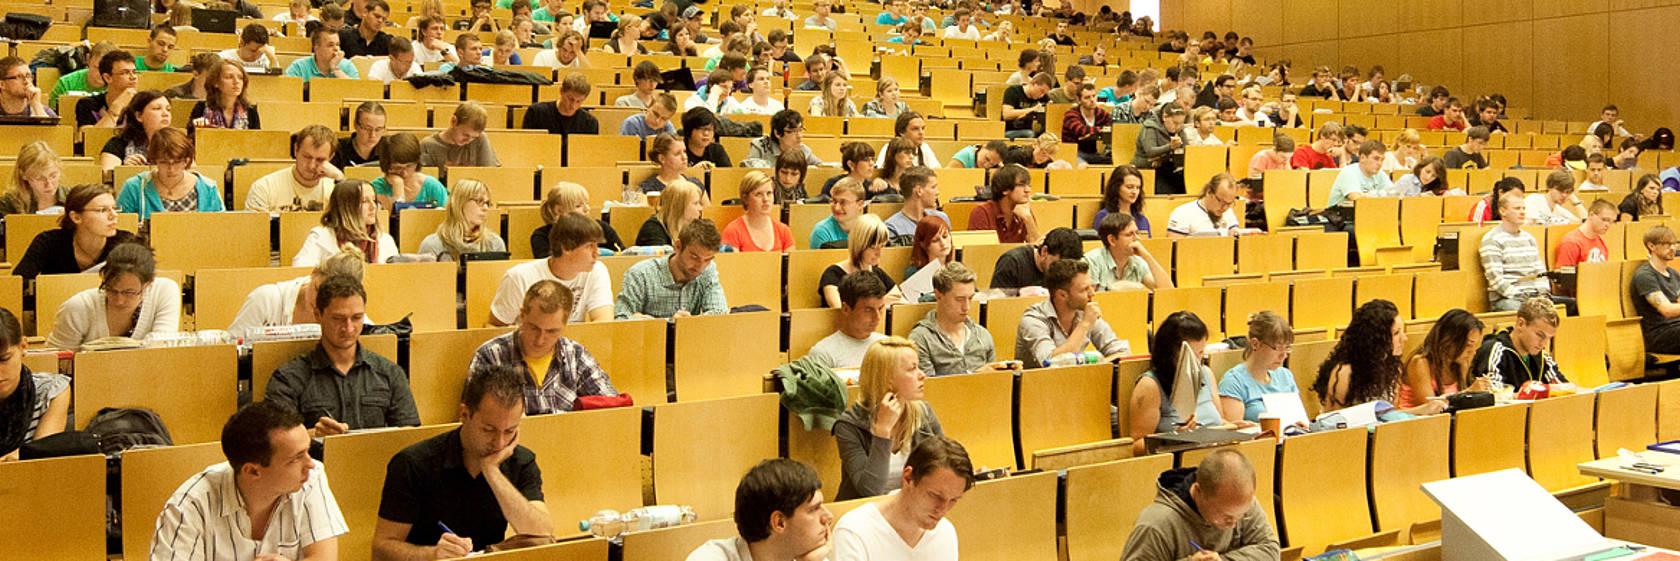 Hörsaal der TU Chemnitz (Foto: Technische Universität Chemnitz)